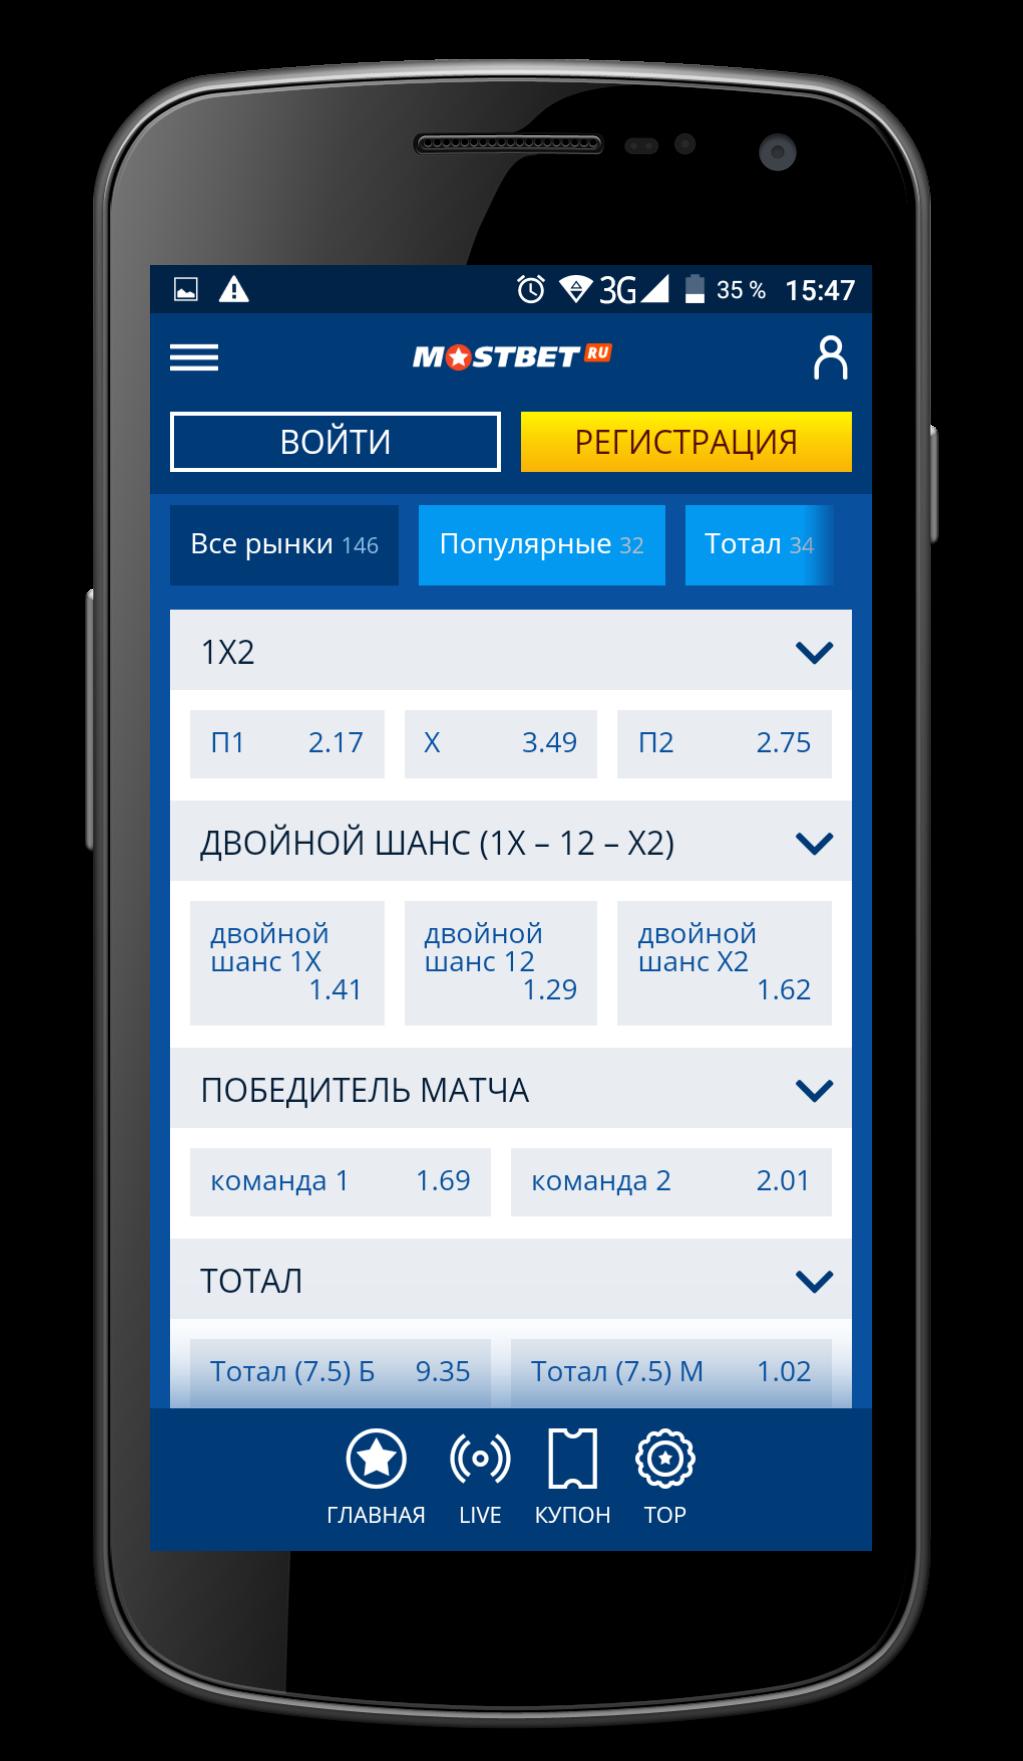 интерфейс андроид мост бет ру